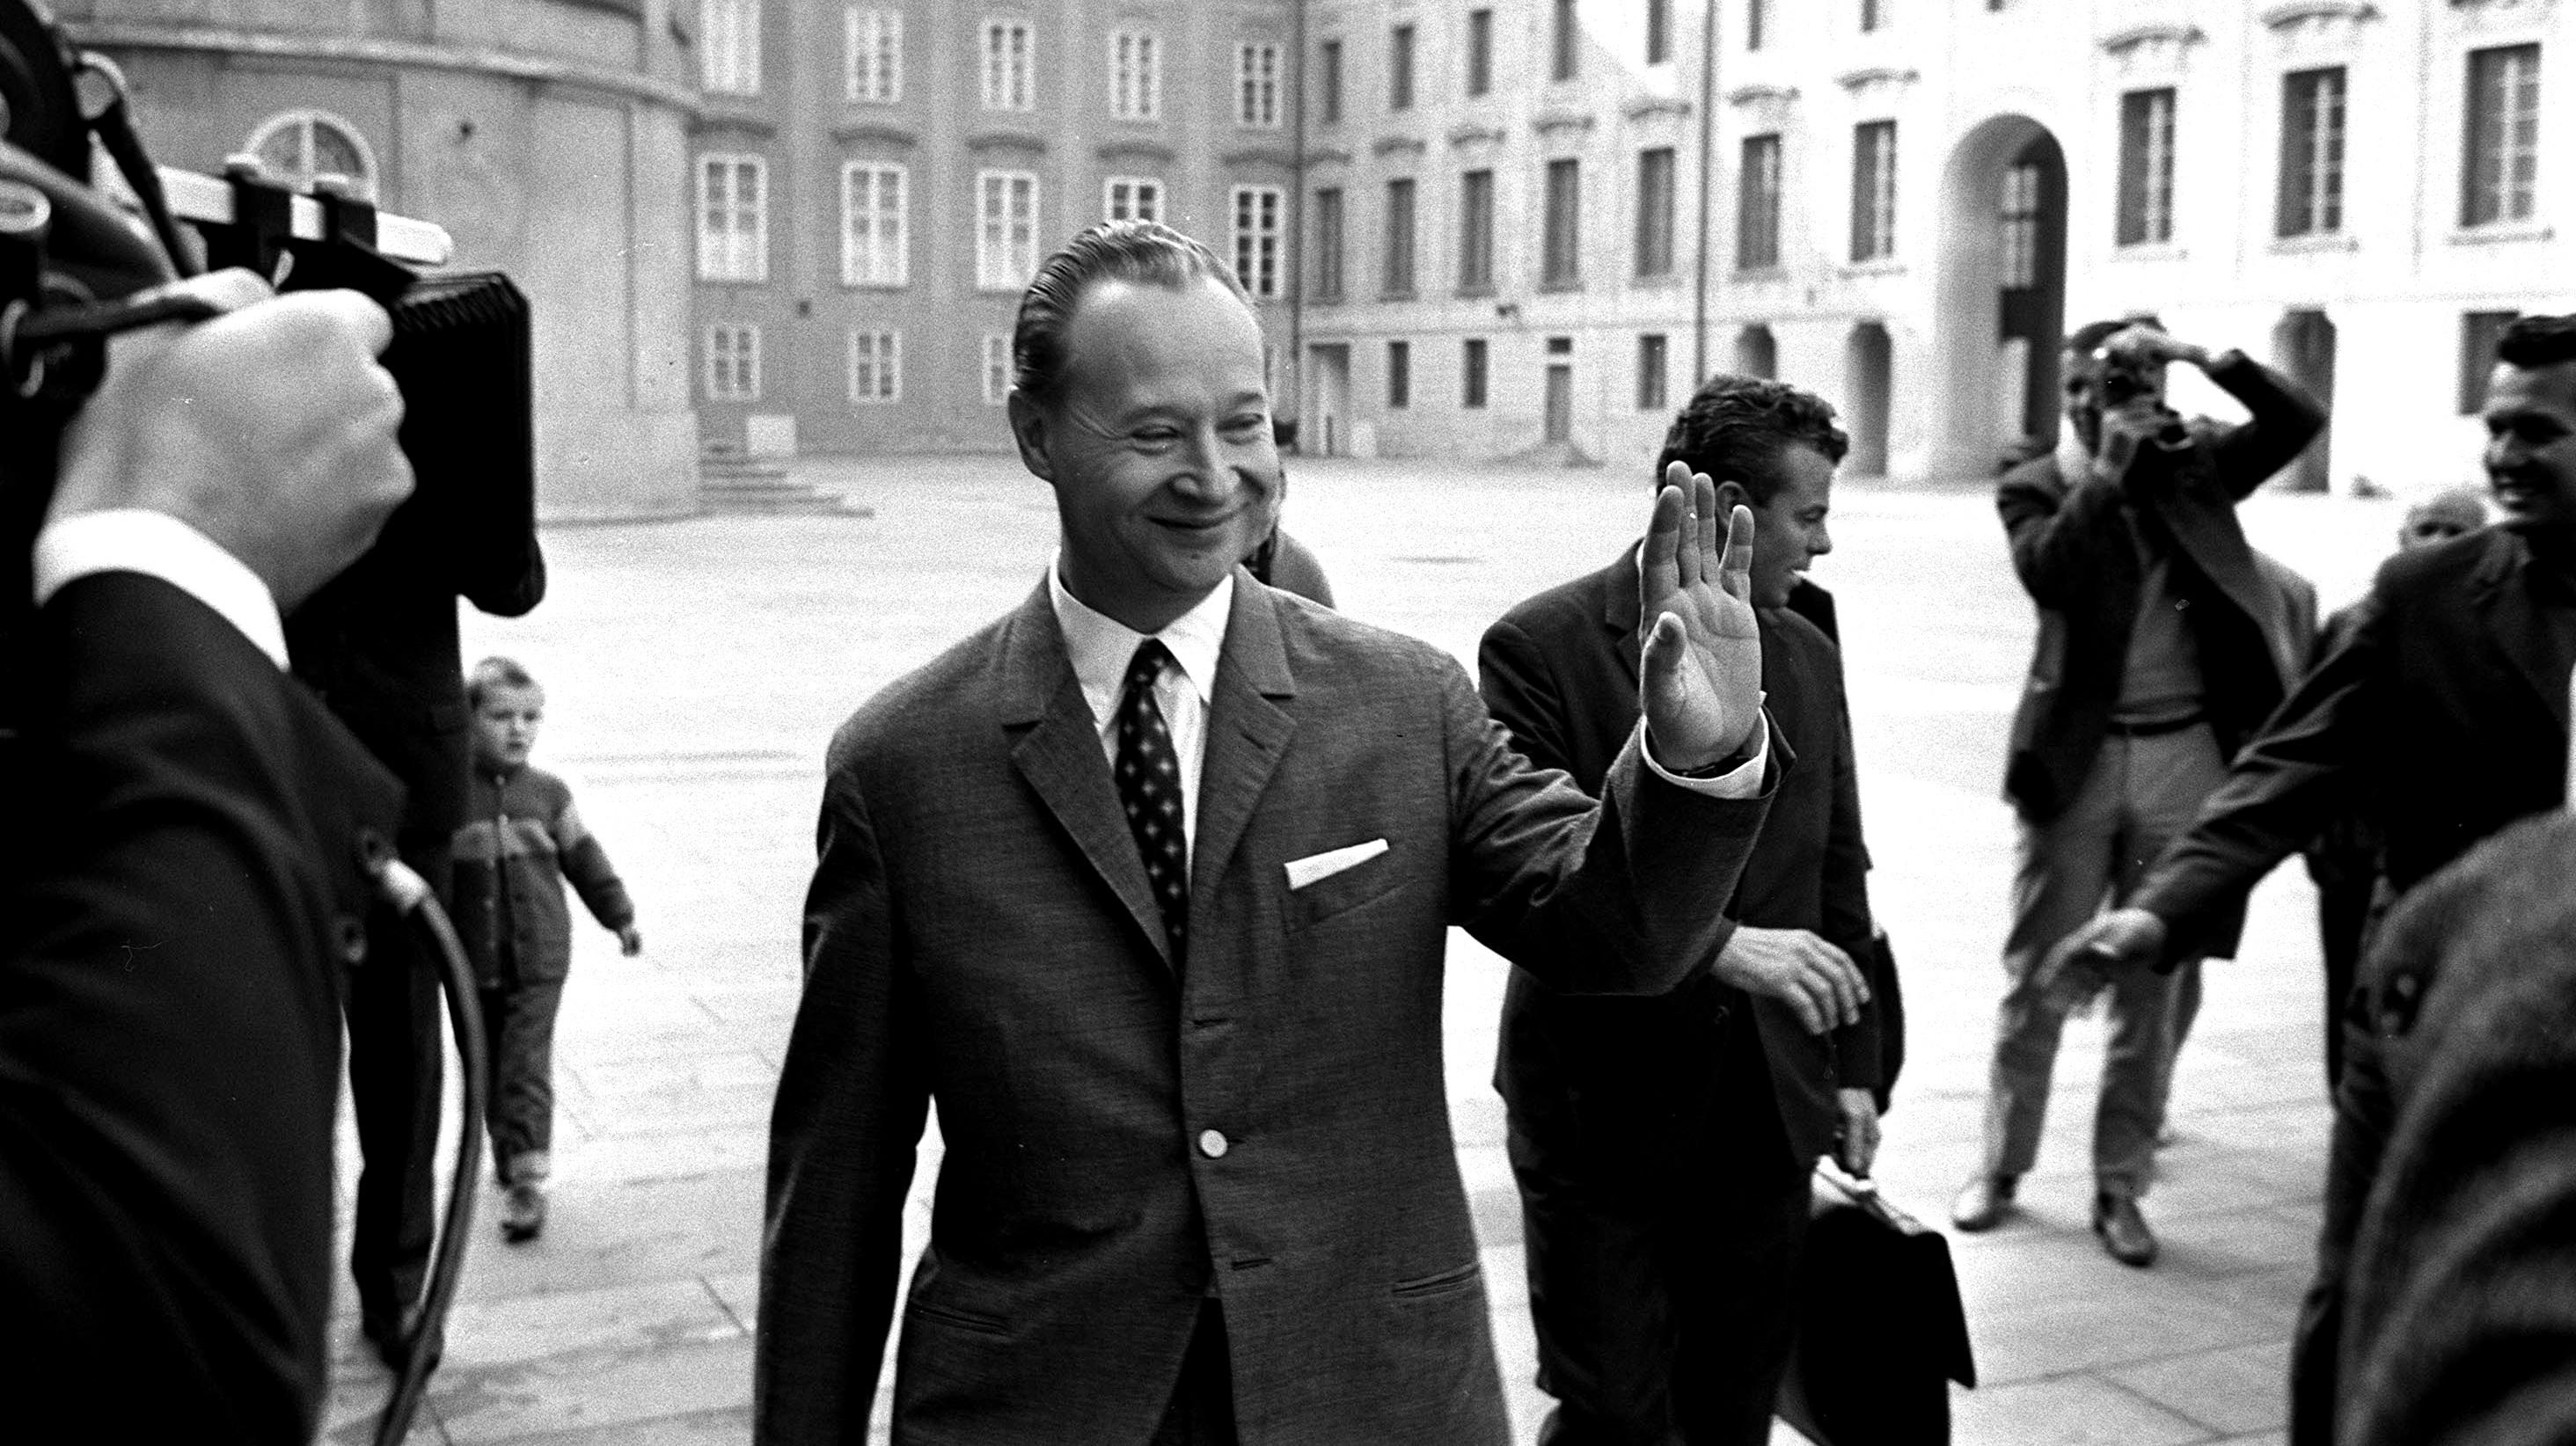 Alexander Dubček bol koncom 60. rokov neobyčajne populárnym politikom. (Foto: archív)